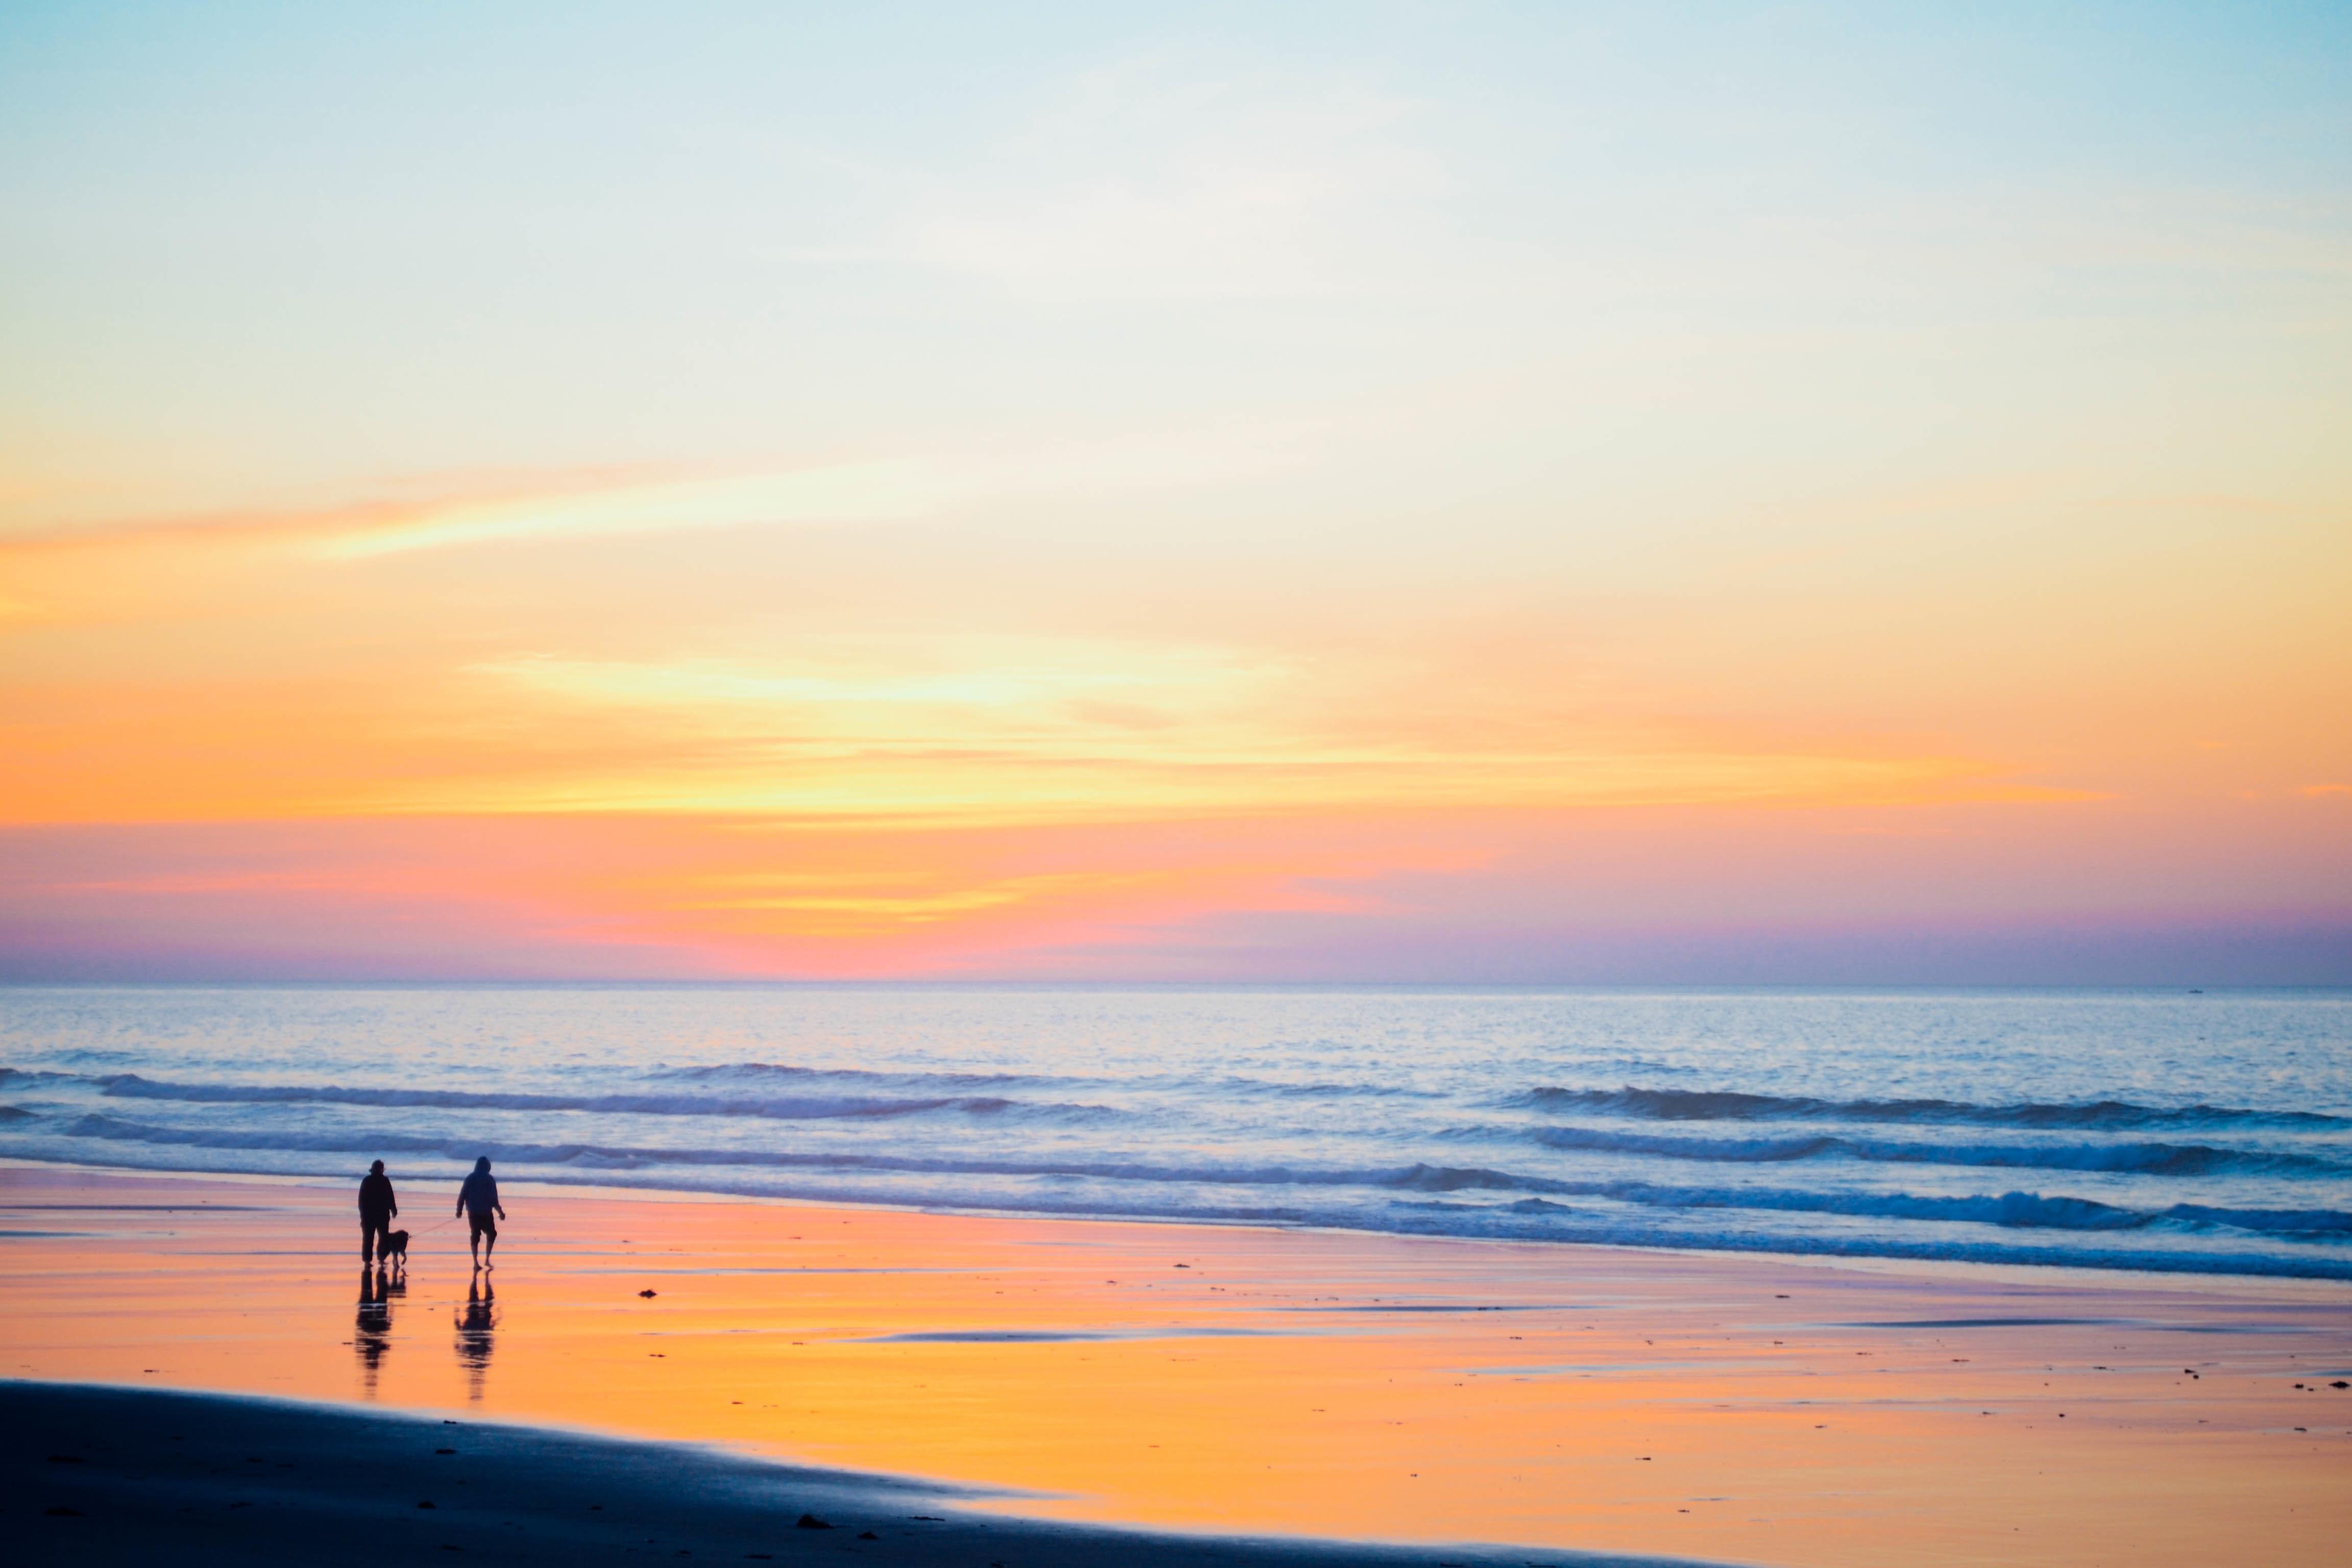 картинки море закат пляж двое плотно обтягивает